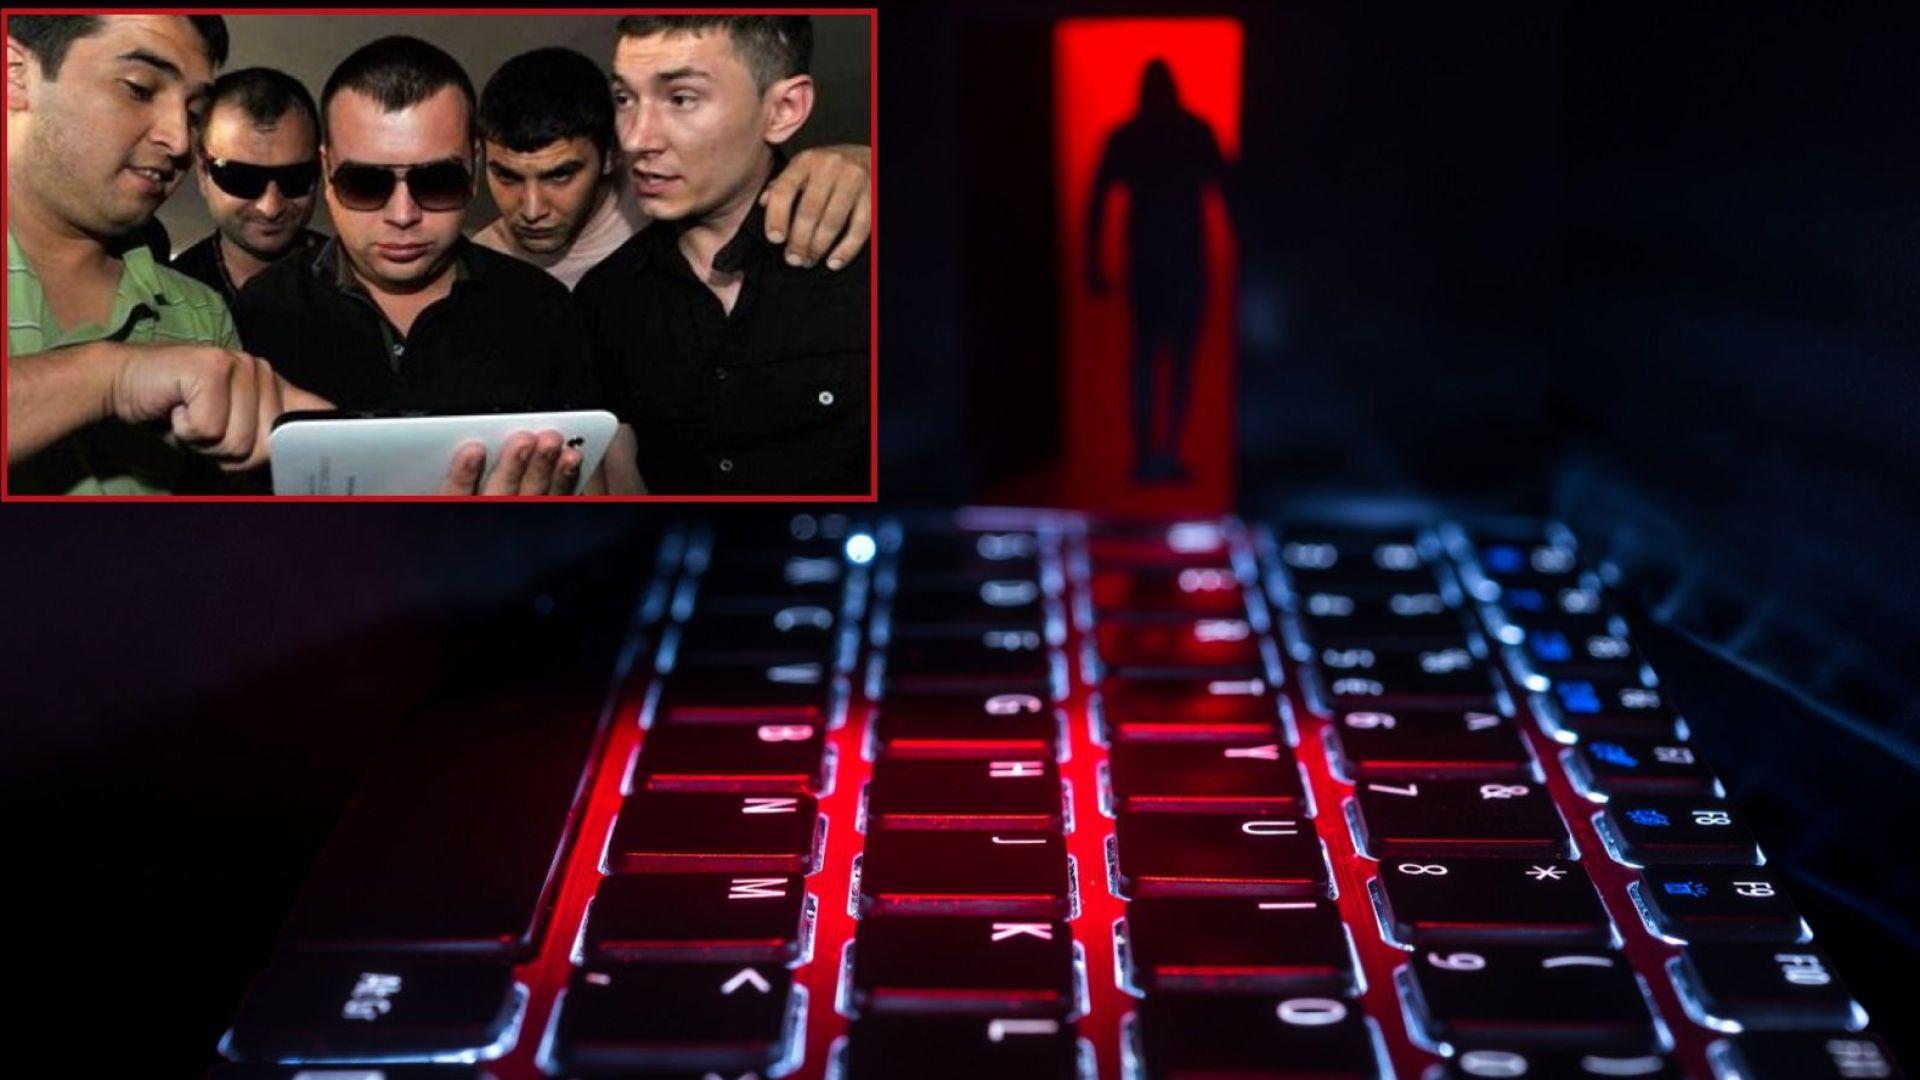 През април 2011 година Краля на хакерите се прочува в